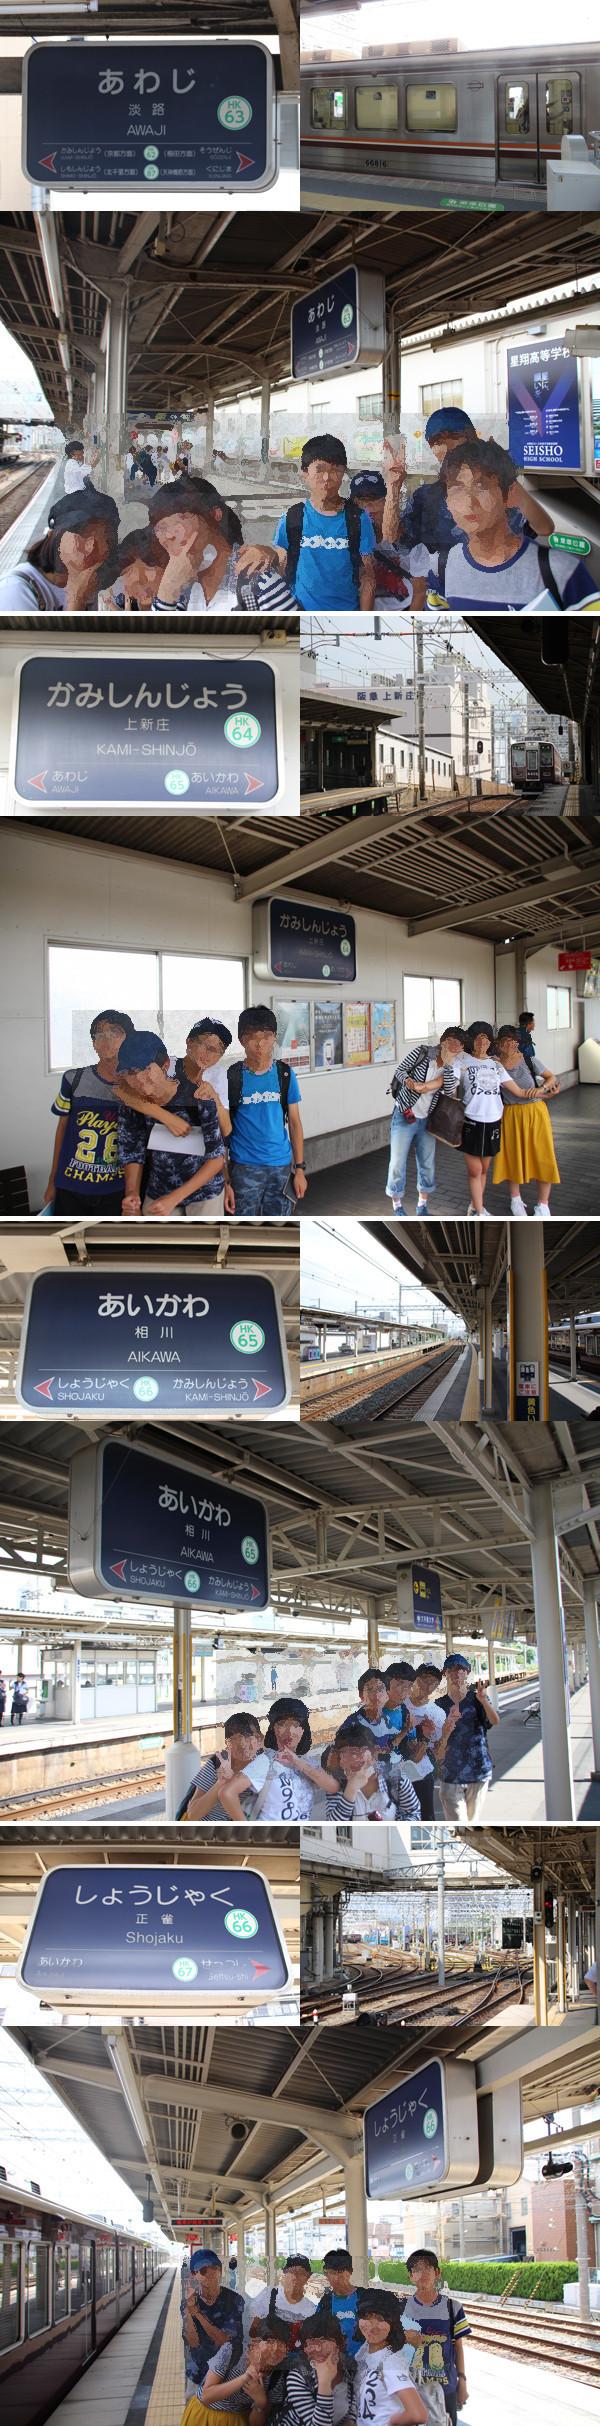 f:id:toshobu:20170818215059j:image